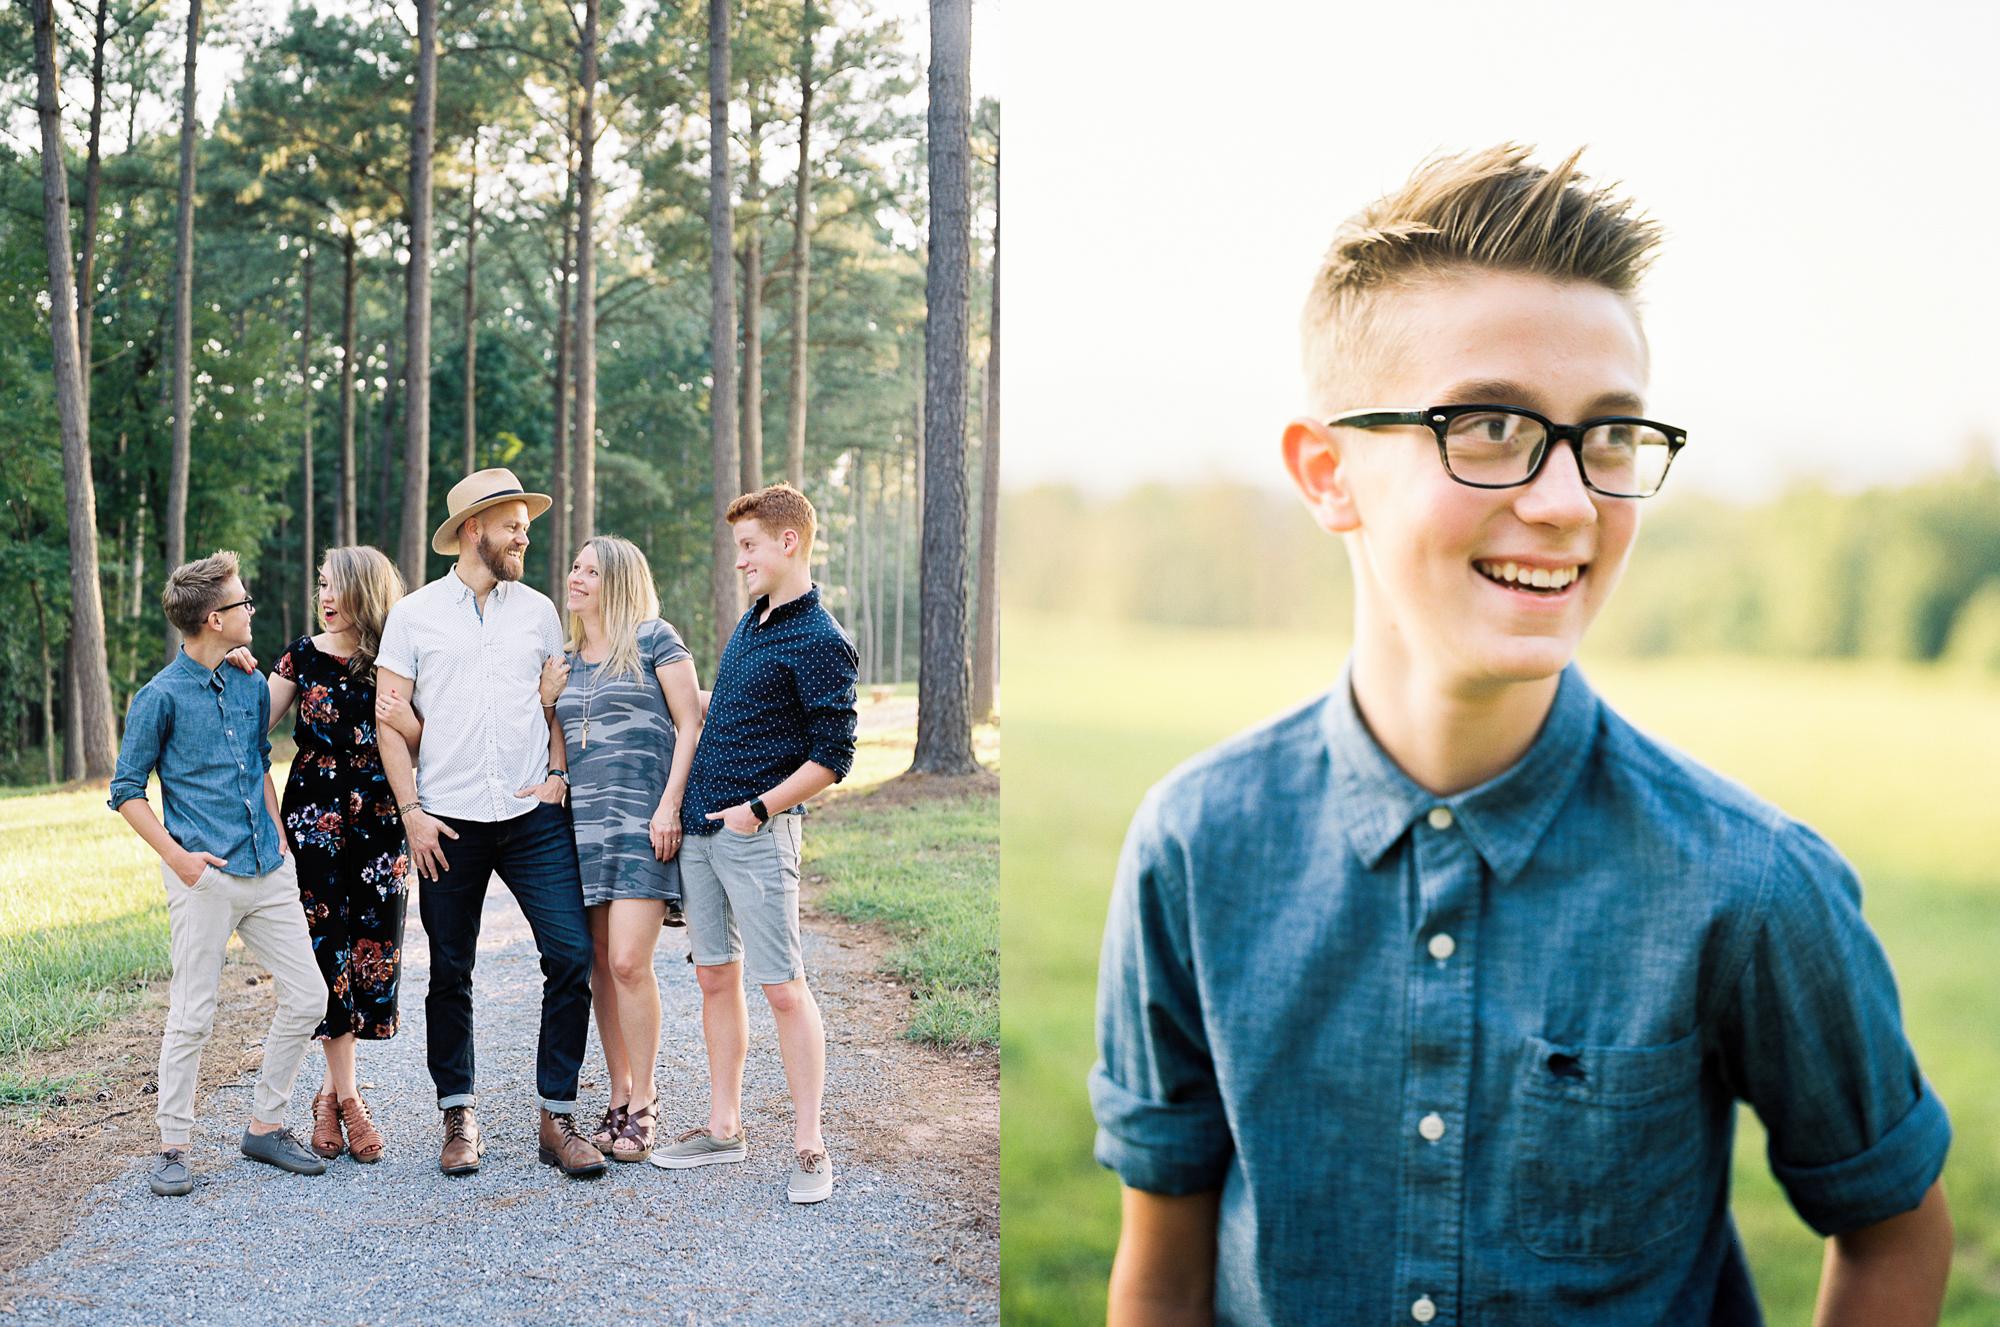 sierra-vista-family-session-charlotte-best-photographer-wedding-family.jpg